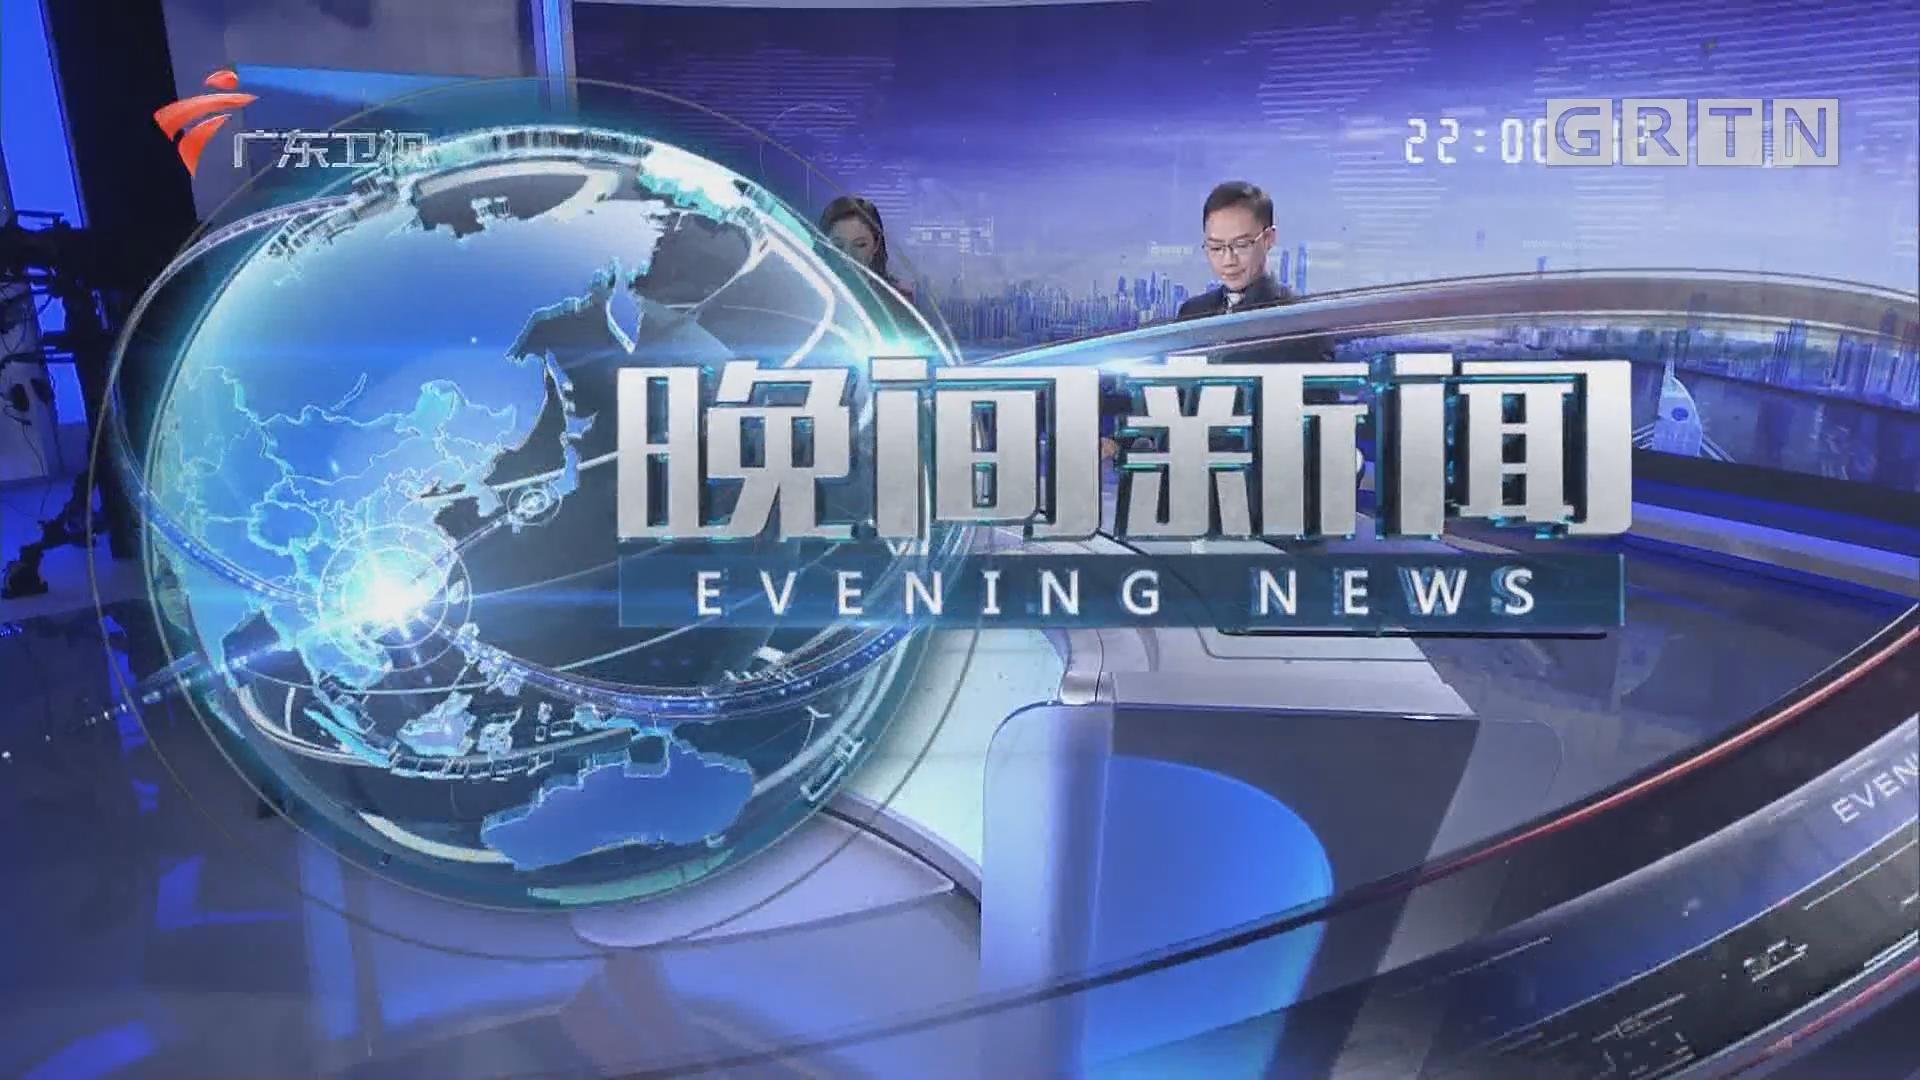 [HD][2019-10-10]晚间新闻:梅汕铁路明天开通 梅州往广州仅3.25小时:梅州往广州深圳 只需3小时左右